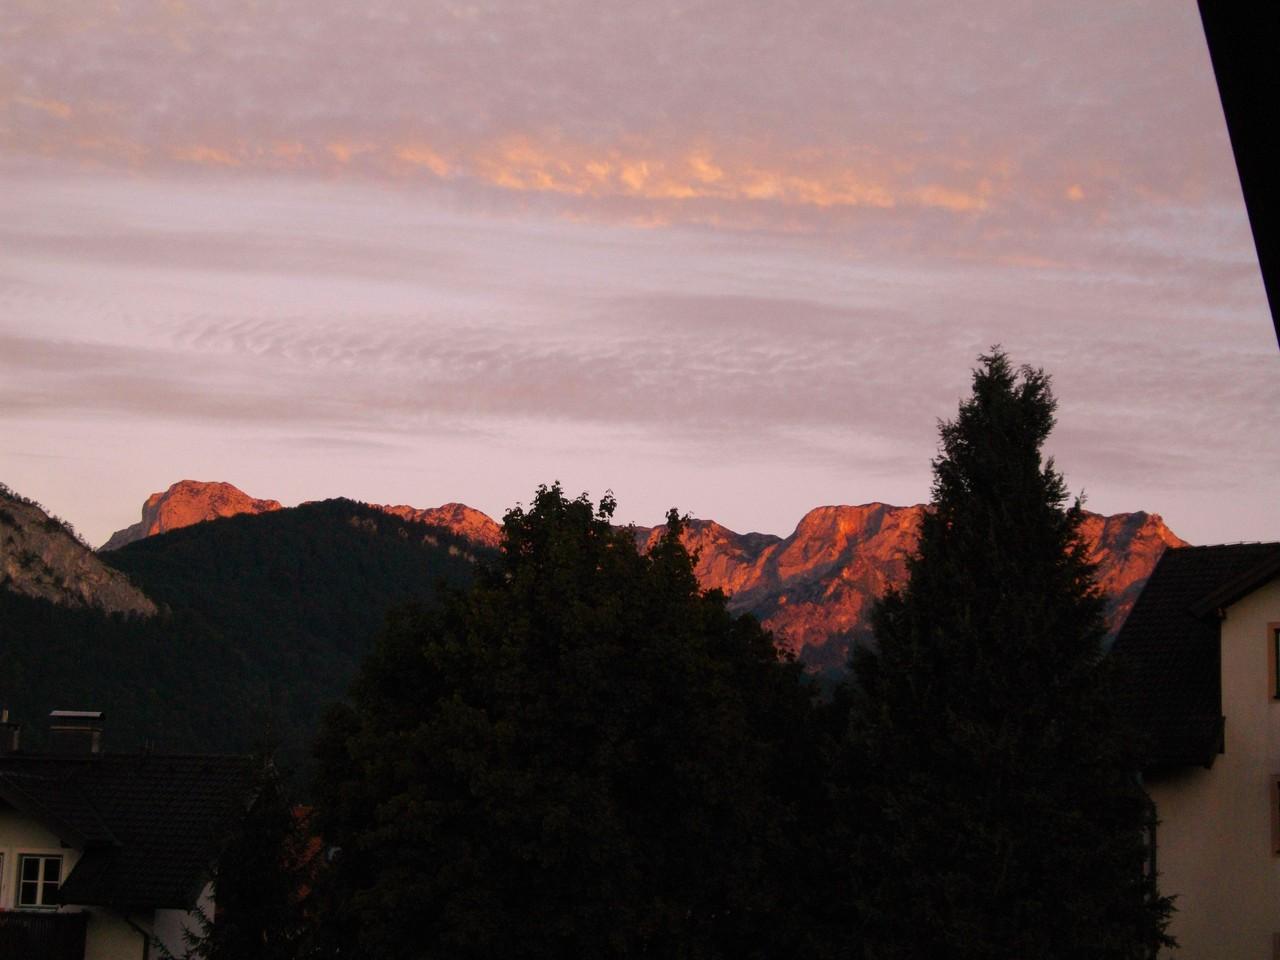 Südostansicht vom Untersberg von meinem Balkon aus gemacht